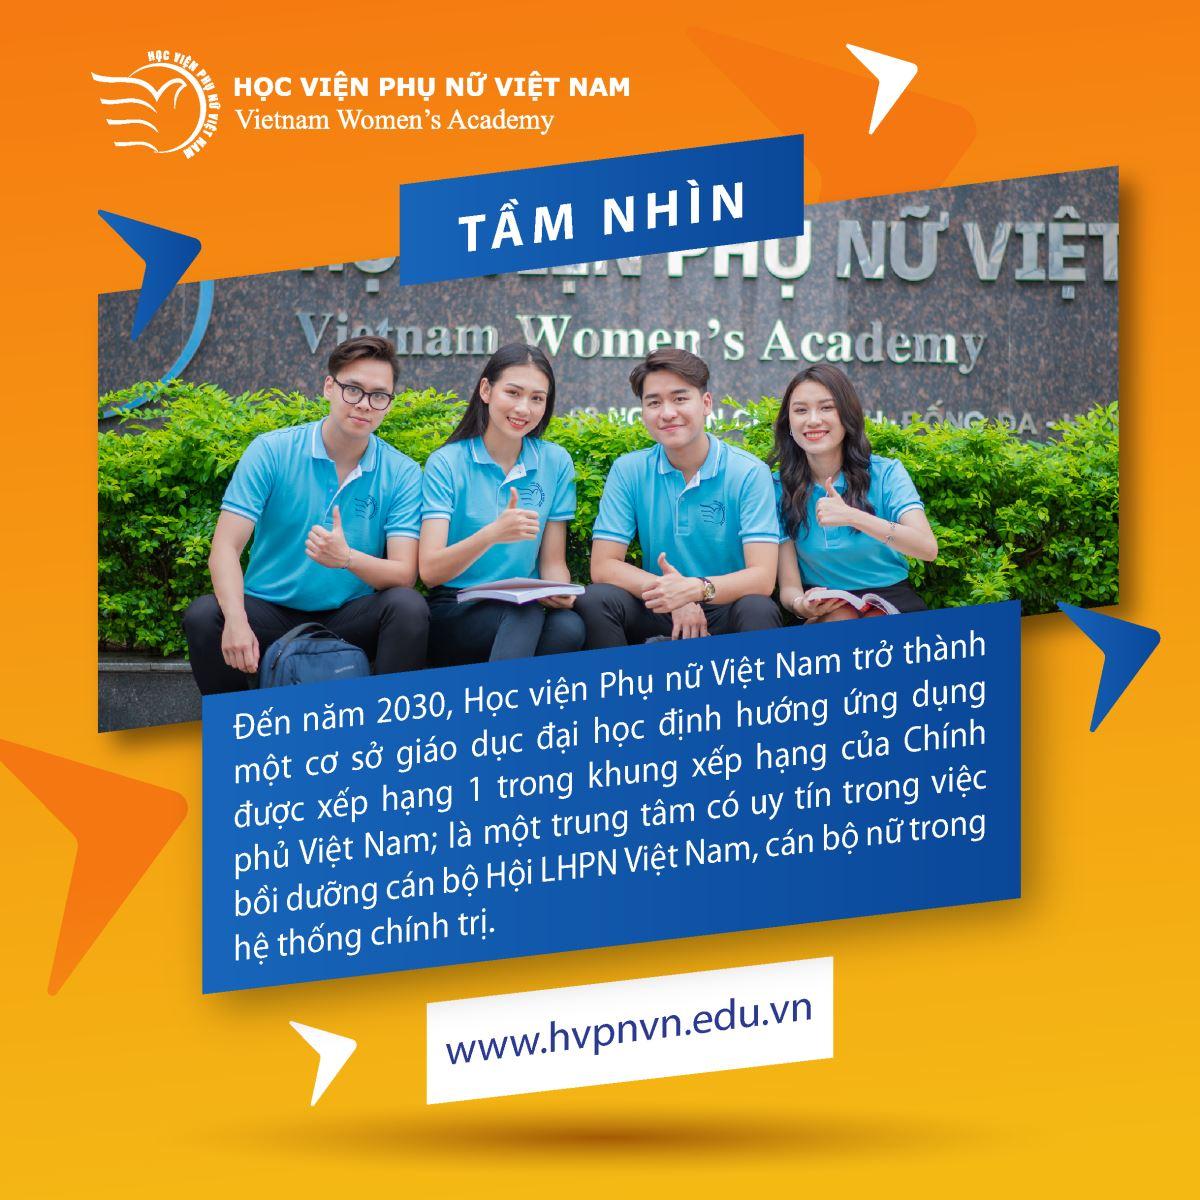 Tầm nhìn của Học viện Phụ nữ Việt Nam